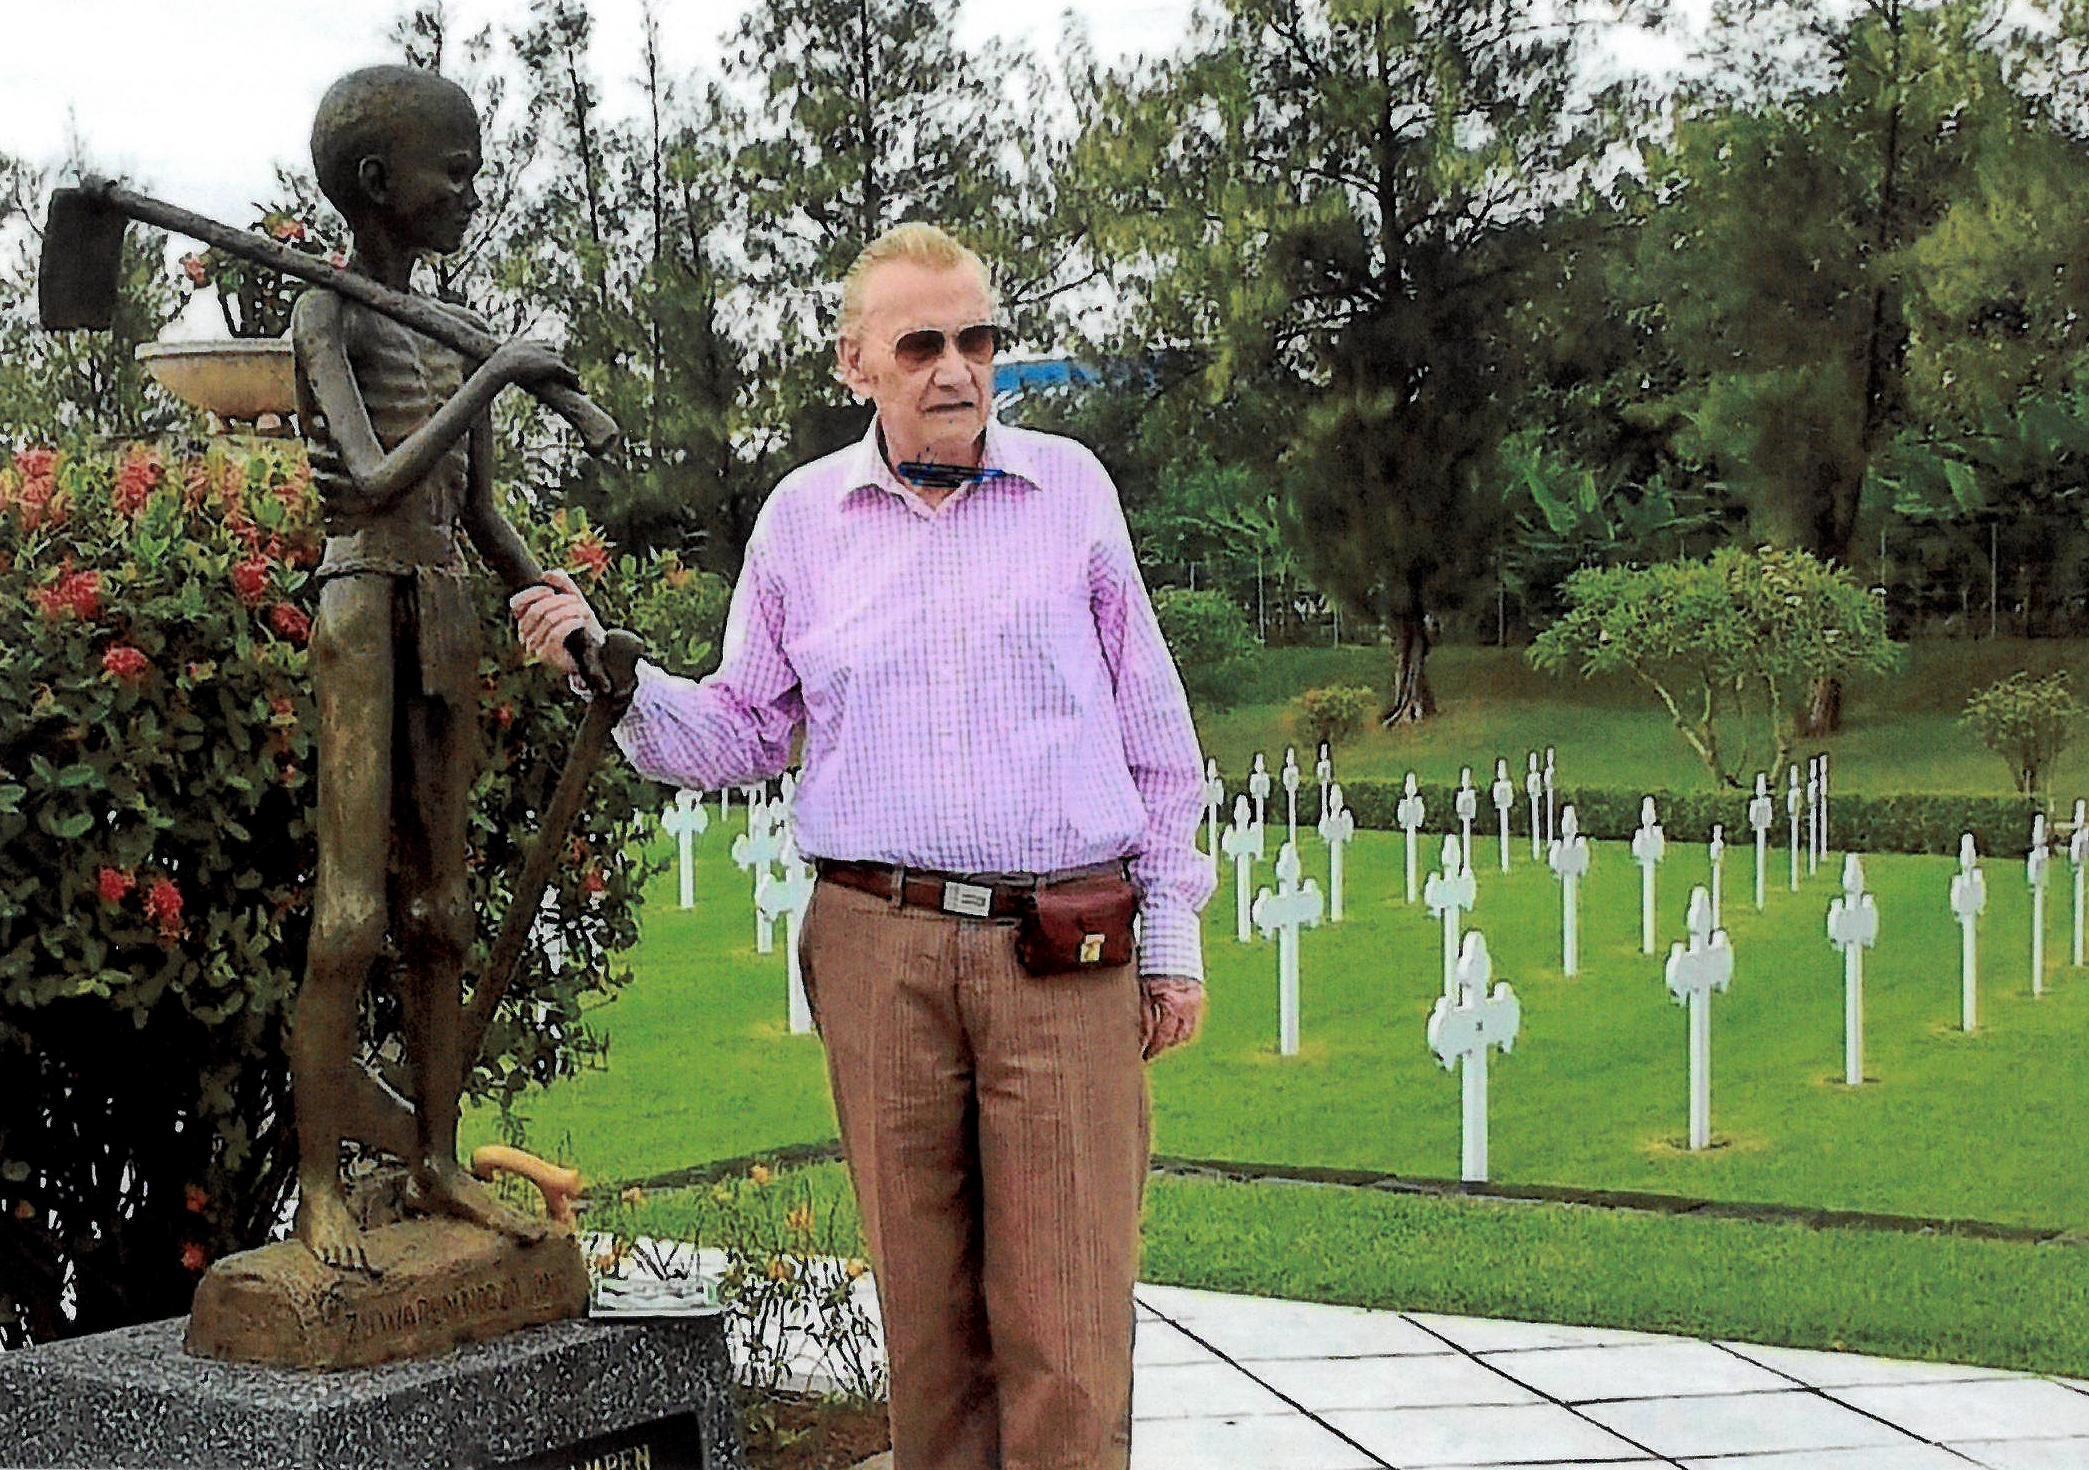 Krant overstelpt met herinneringen van lezers aan oorlogsjaren in Indië